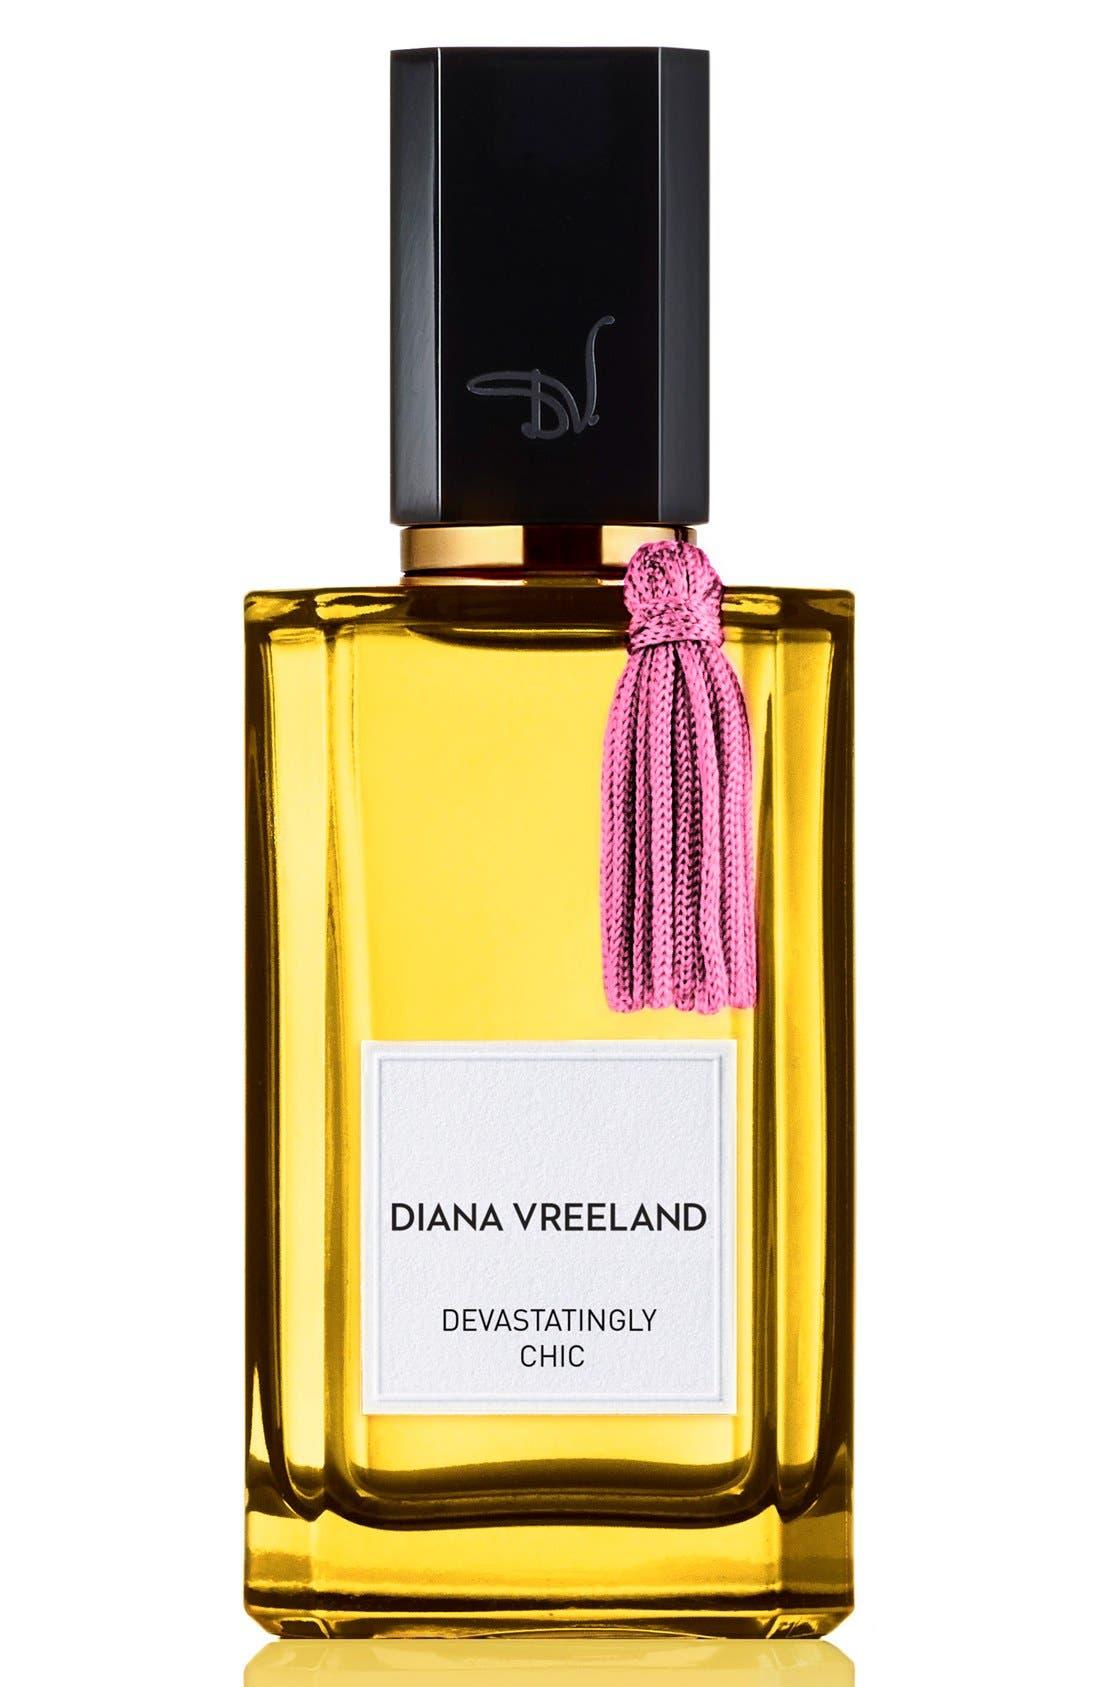 Diana Vreeland 'Devastatingly Chic' Eau de Parfum